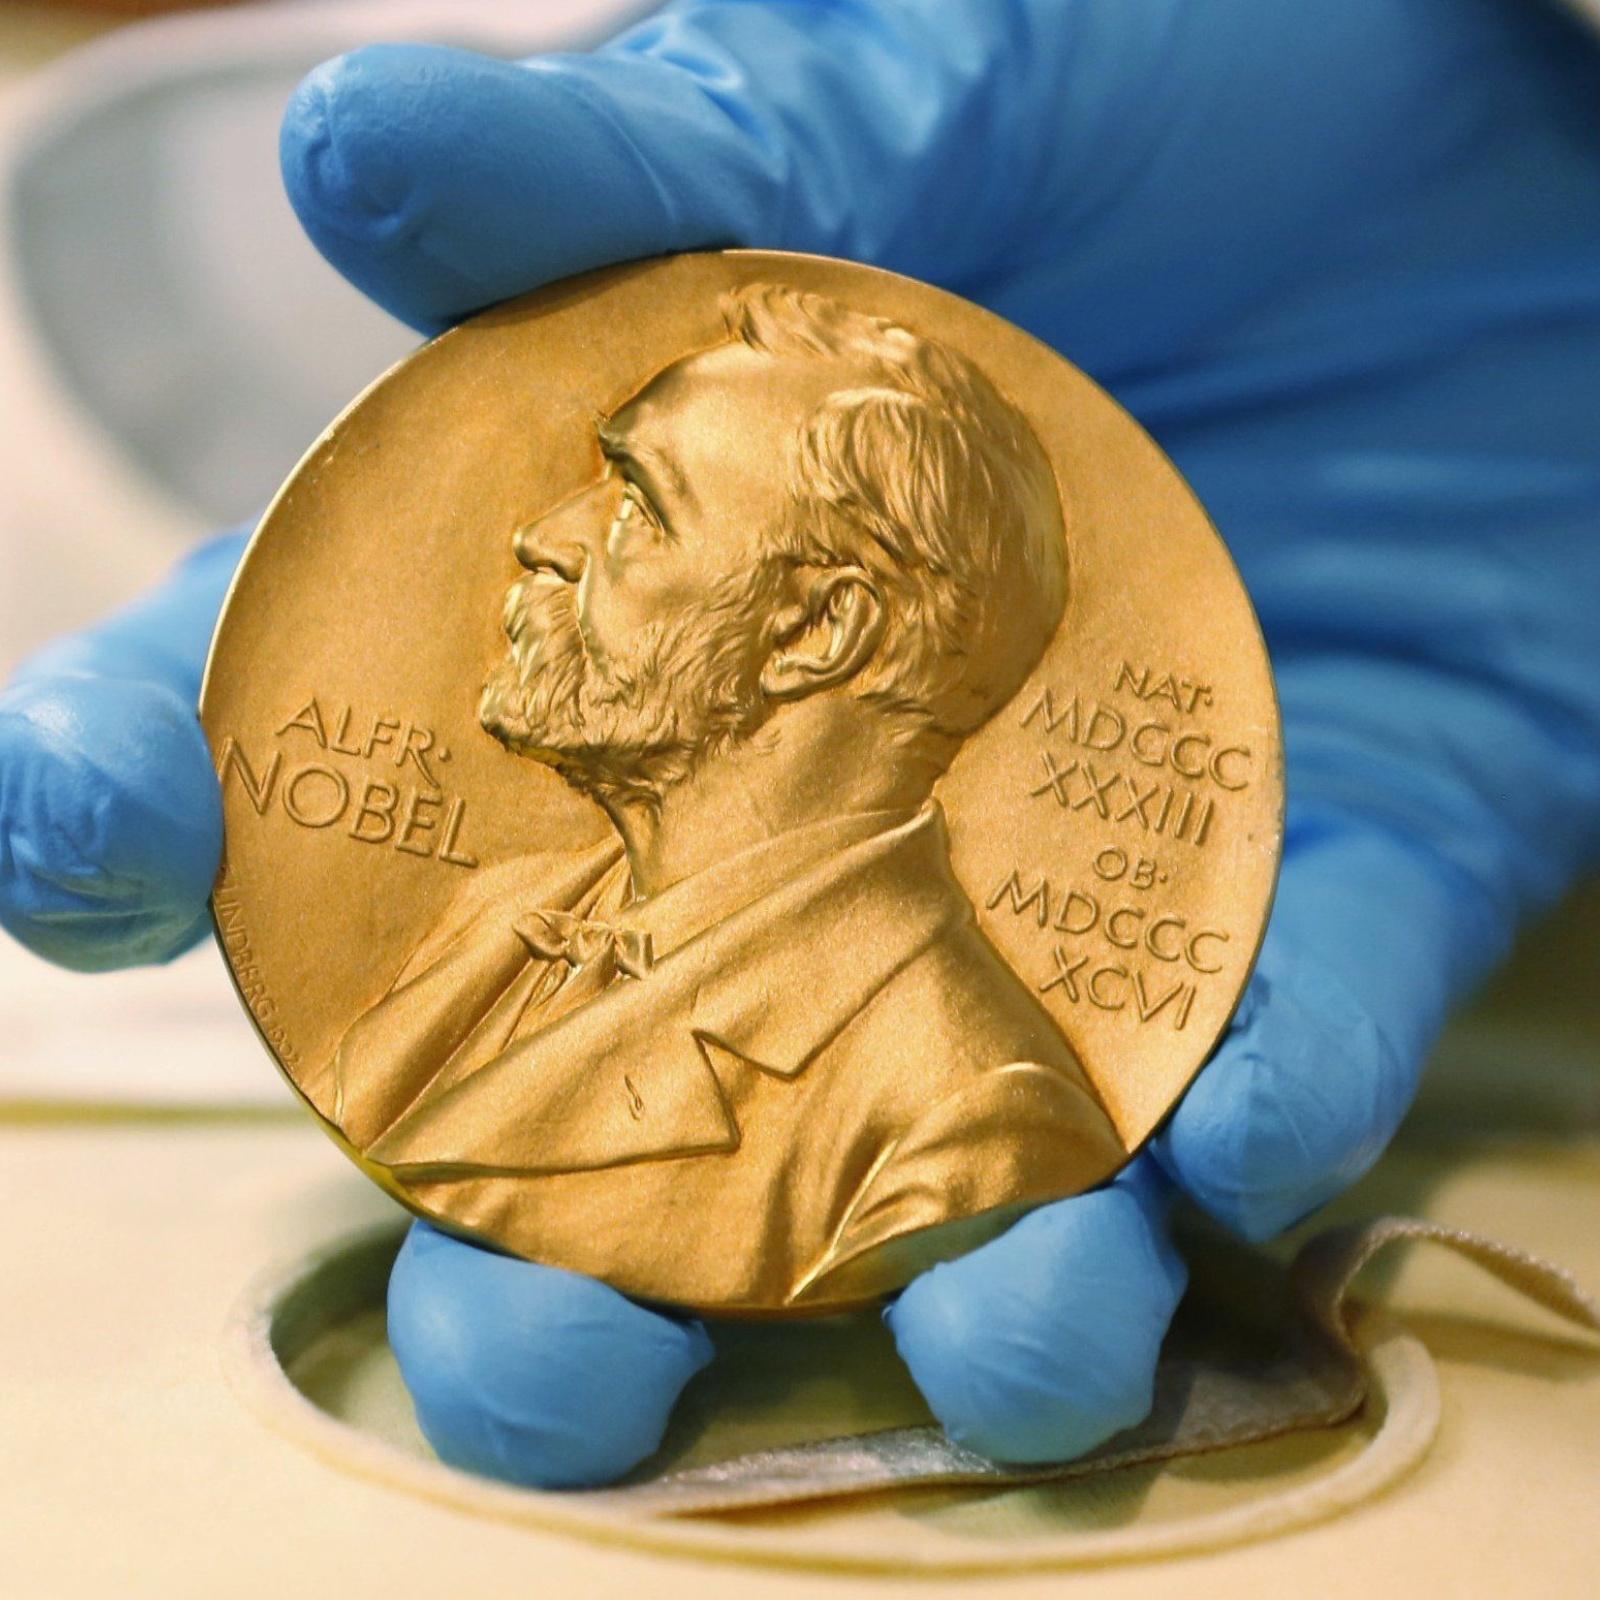 Noble Prize: ਕੀ ਕੋਵਿਡ -19 ਵੈਕਸੀਨ ਬਣਾਉਣ ਵਾਲੇ ਵਿਗਿਆਨੀਆਂ ਨੂੰ ਮਿਲੇਗਾ ਨੋਬਲ ਮੈਡੀਸਨ ਪੁਰਸਕਾਰ?